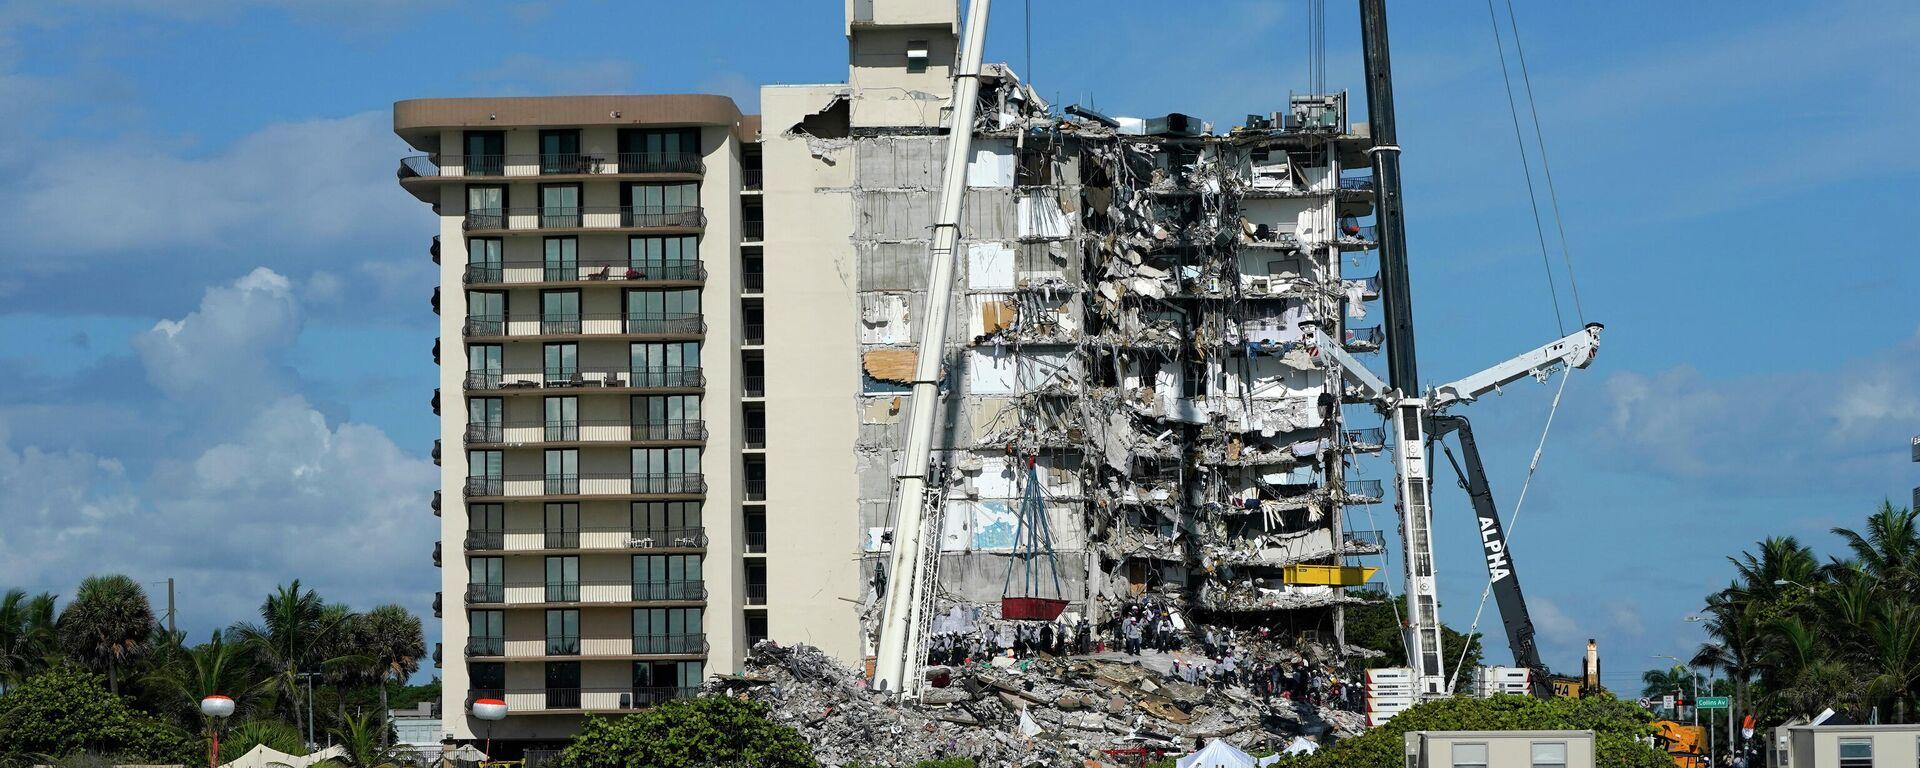 Tareas de rescate en la torre Sur del complejo Champlain Towers, colapsado el 24 de junio de 2021 - Sputnik Mundo, 1920, 28.06.2021